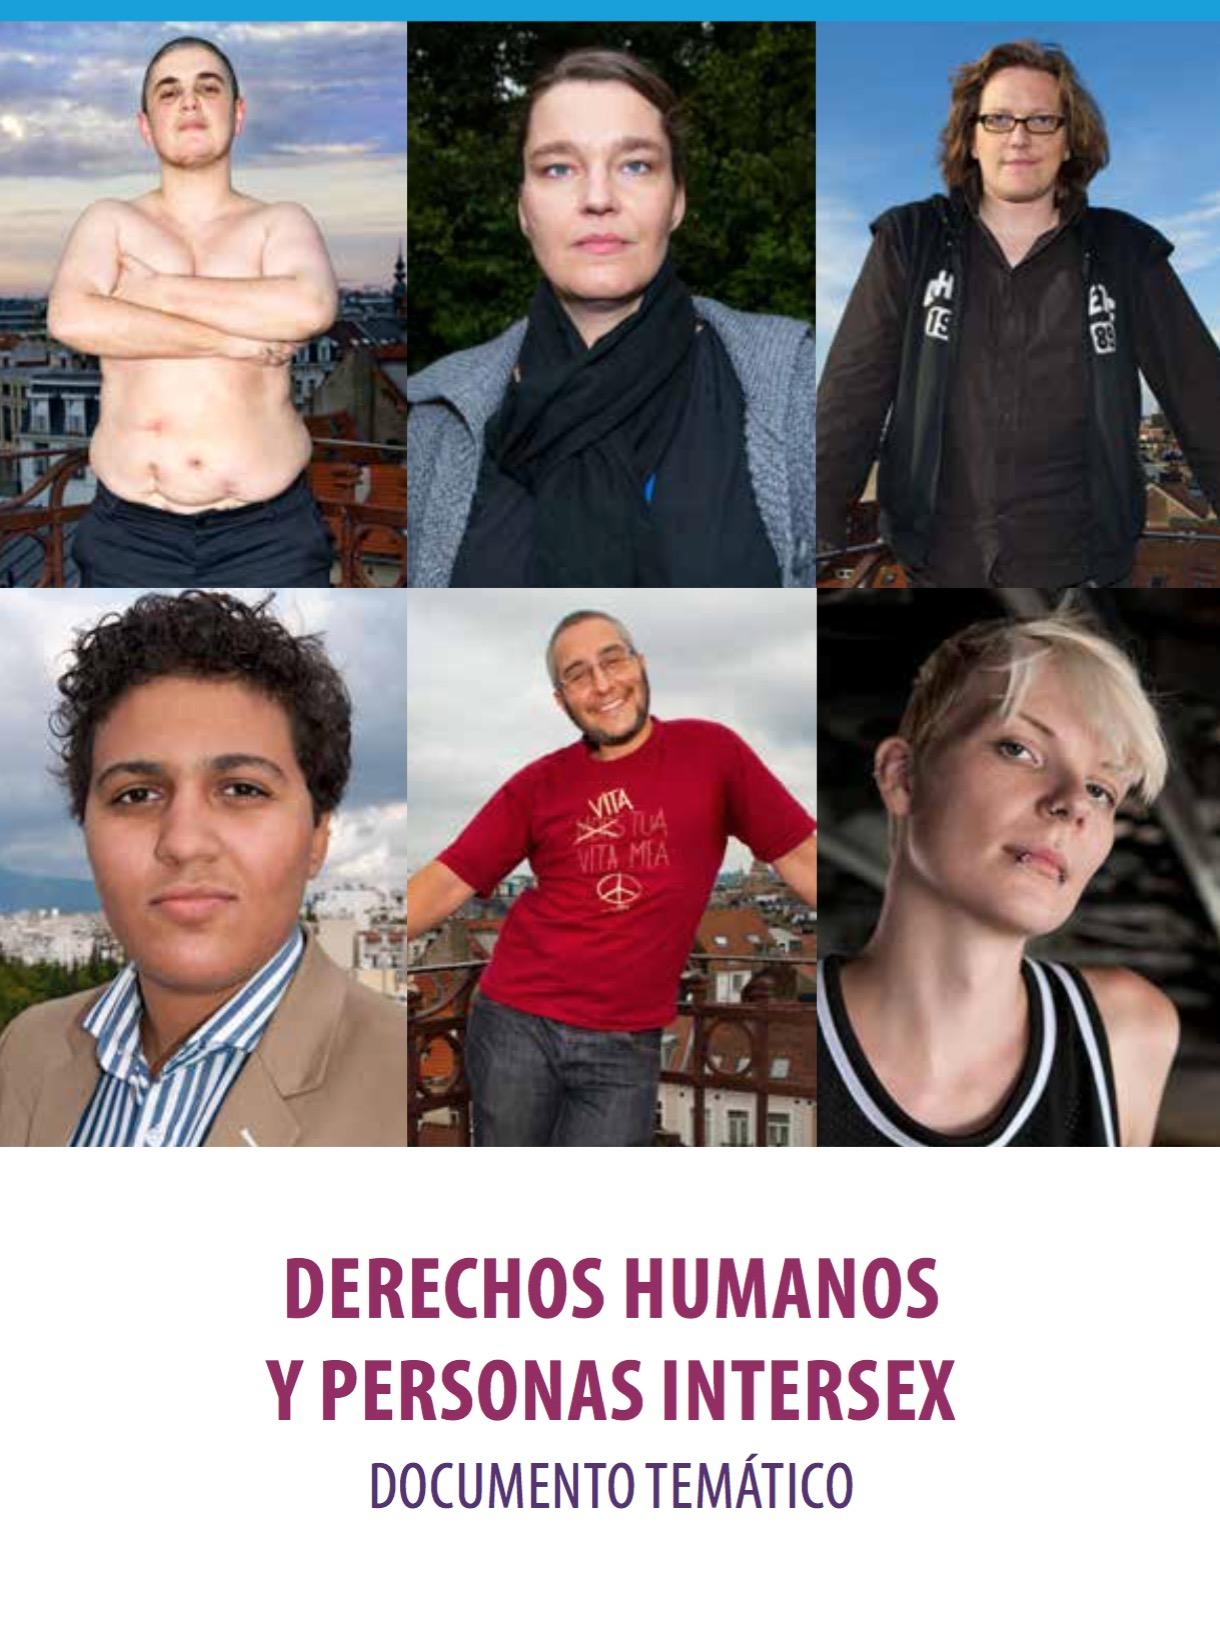 Derechos Humanos Y Personas Intersex – documento temático (español)